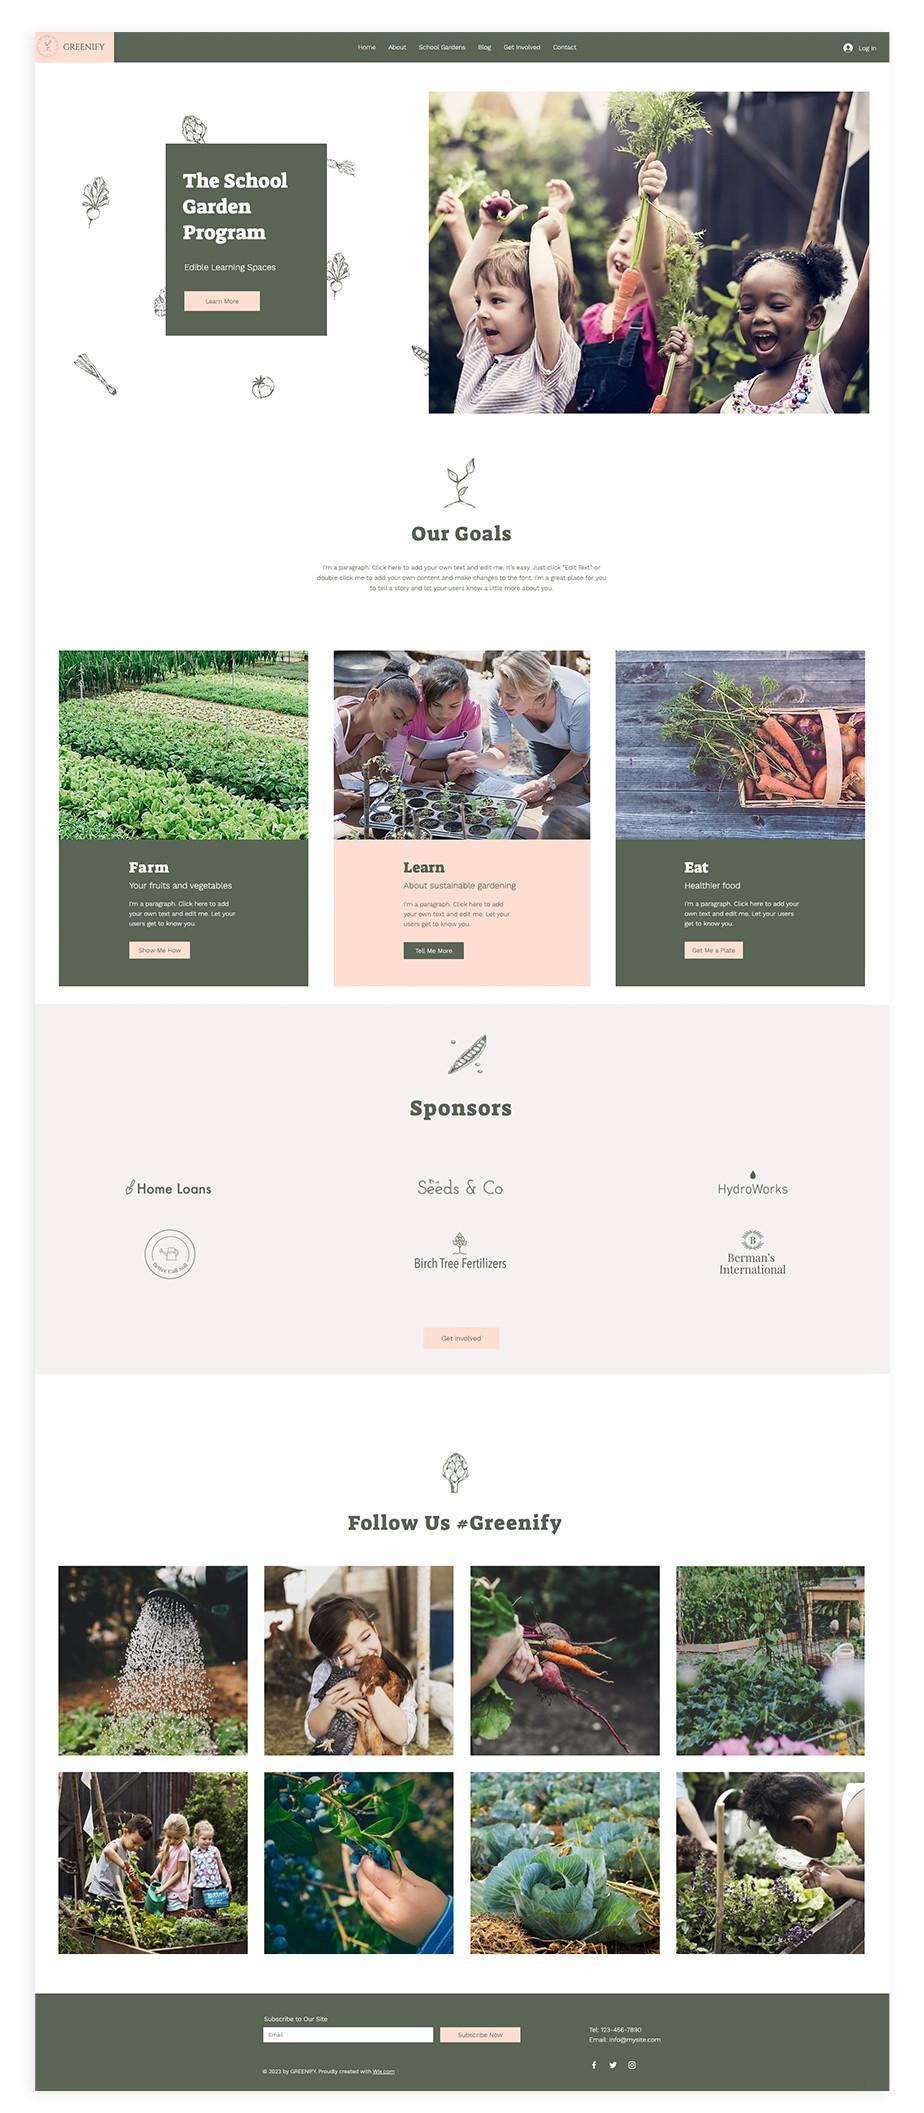 Nonprofit website template for school gardening program